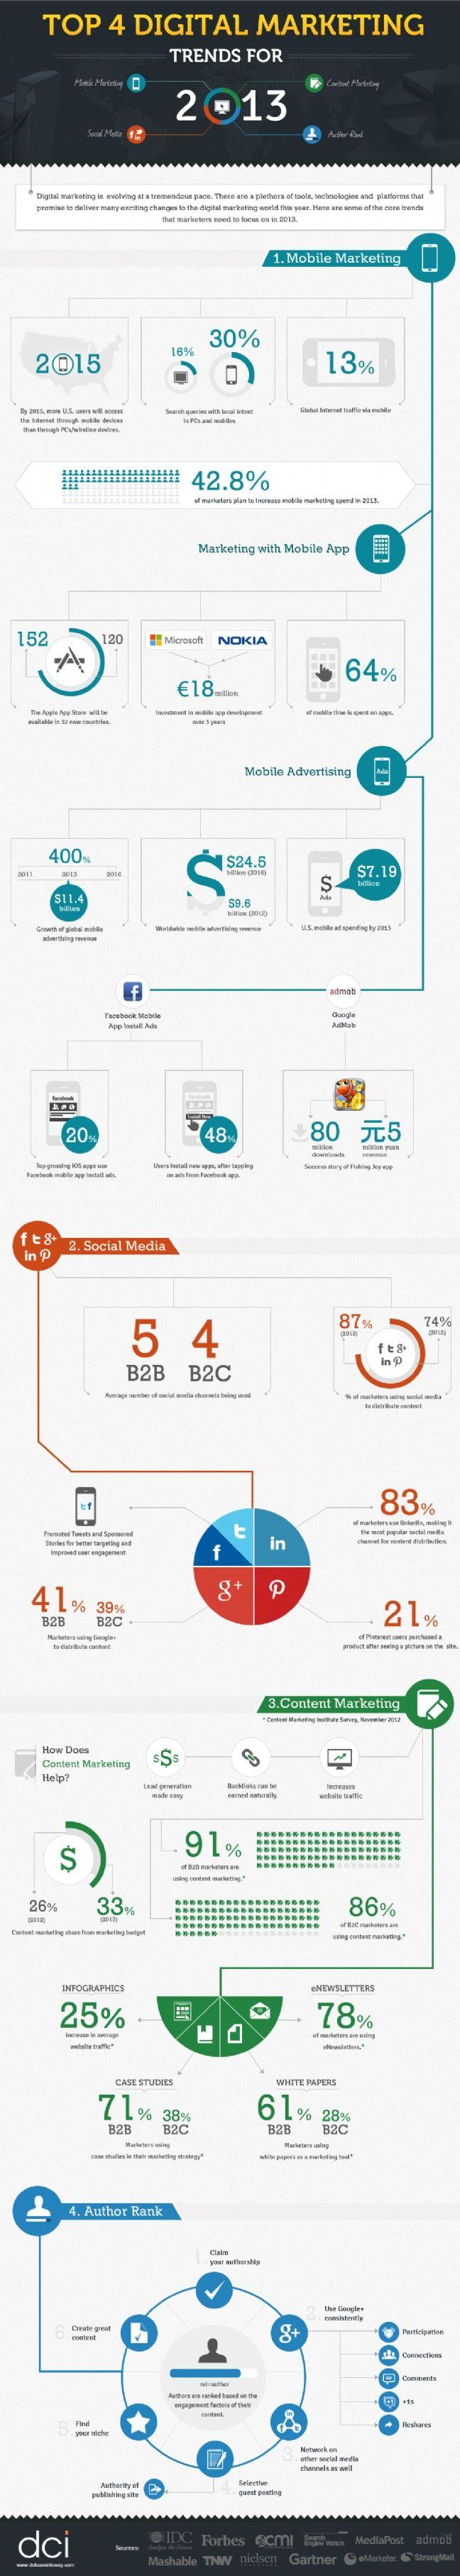 #Infographie Marketing digital : les tendances 2013